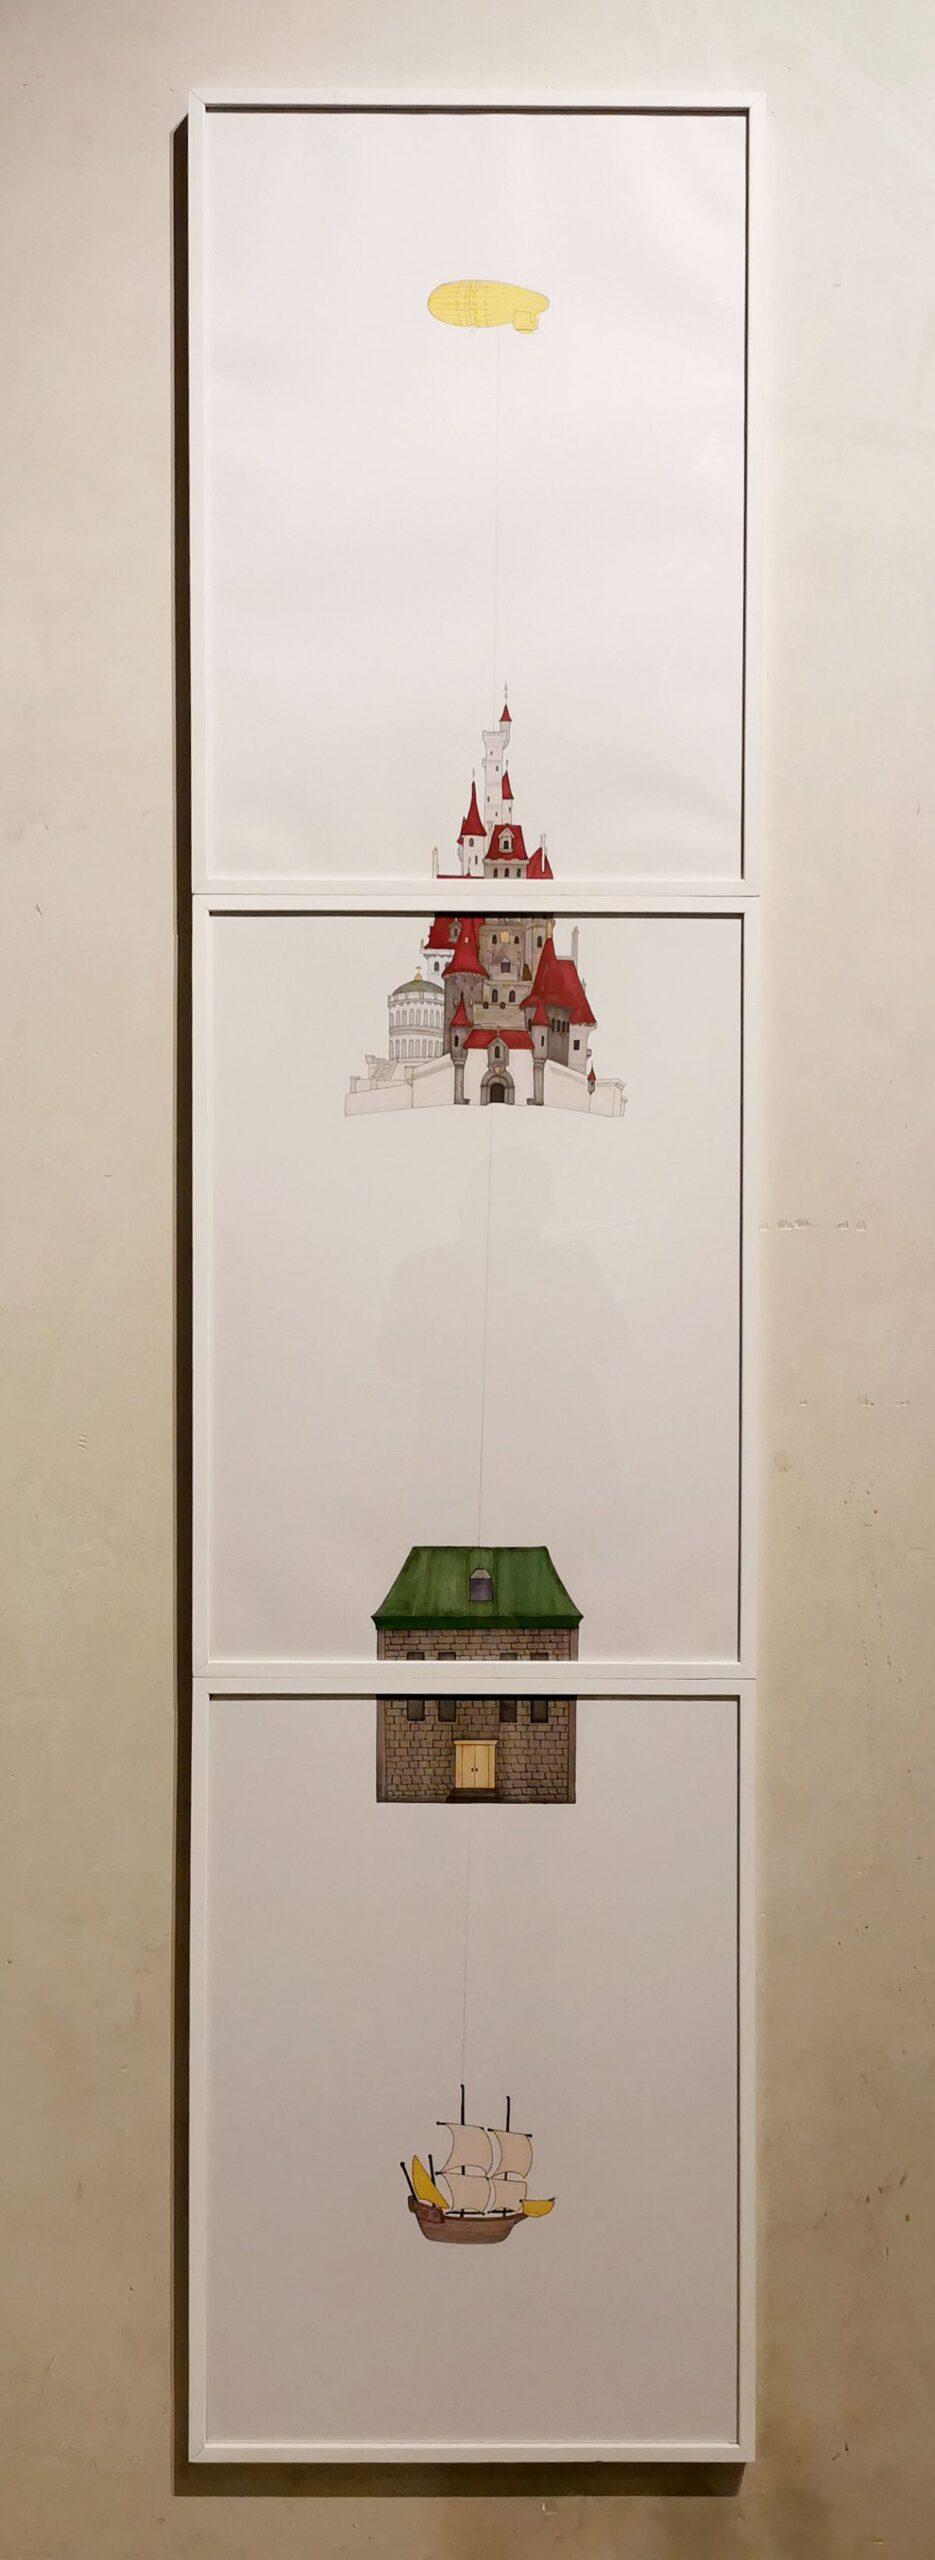 Jeanne Susplugas - There is no Place like Home, 2019 - J'ai fait ta maison dans ma boite crânienne à l'Ardenome – Avignon